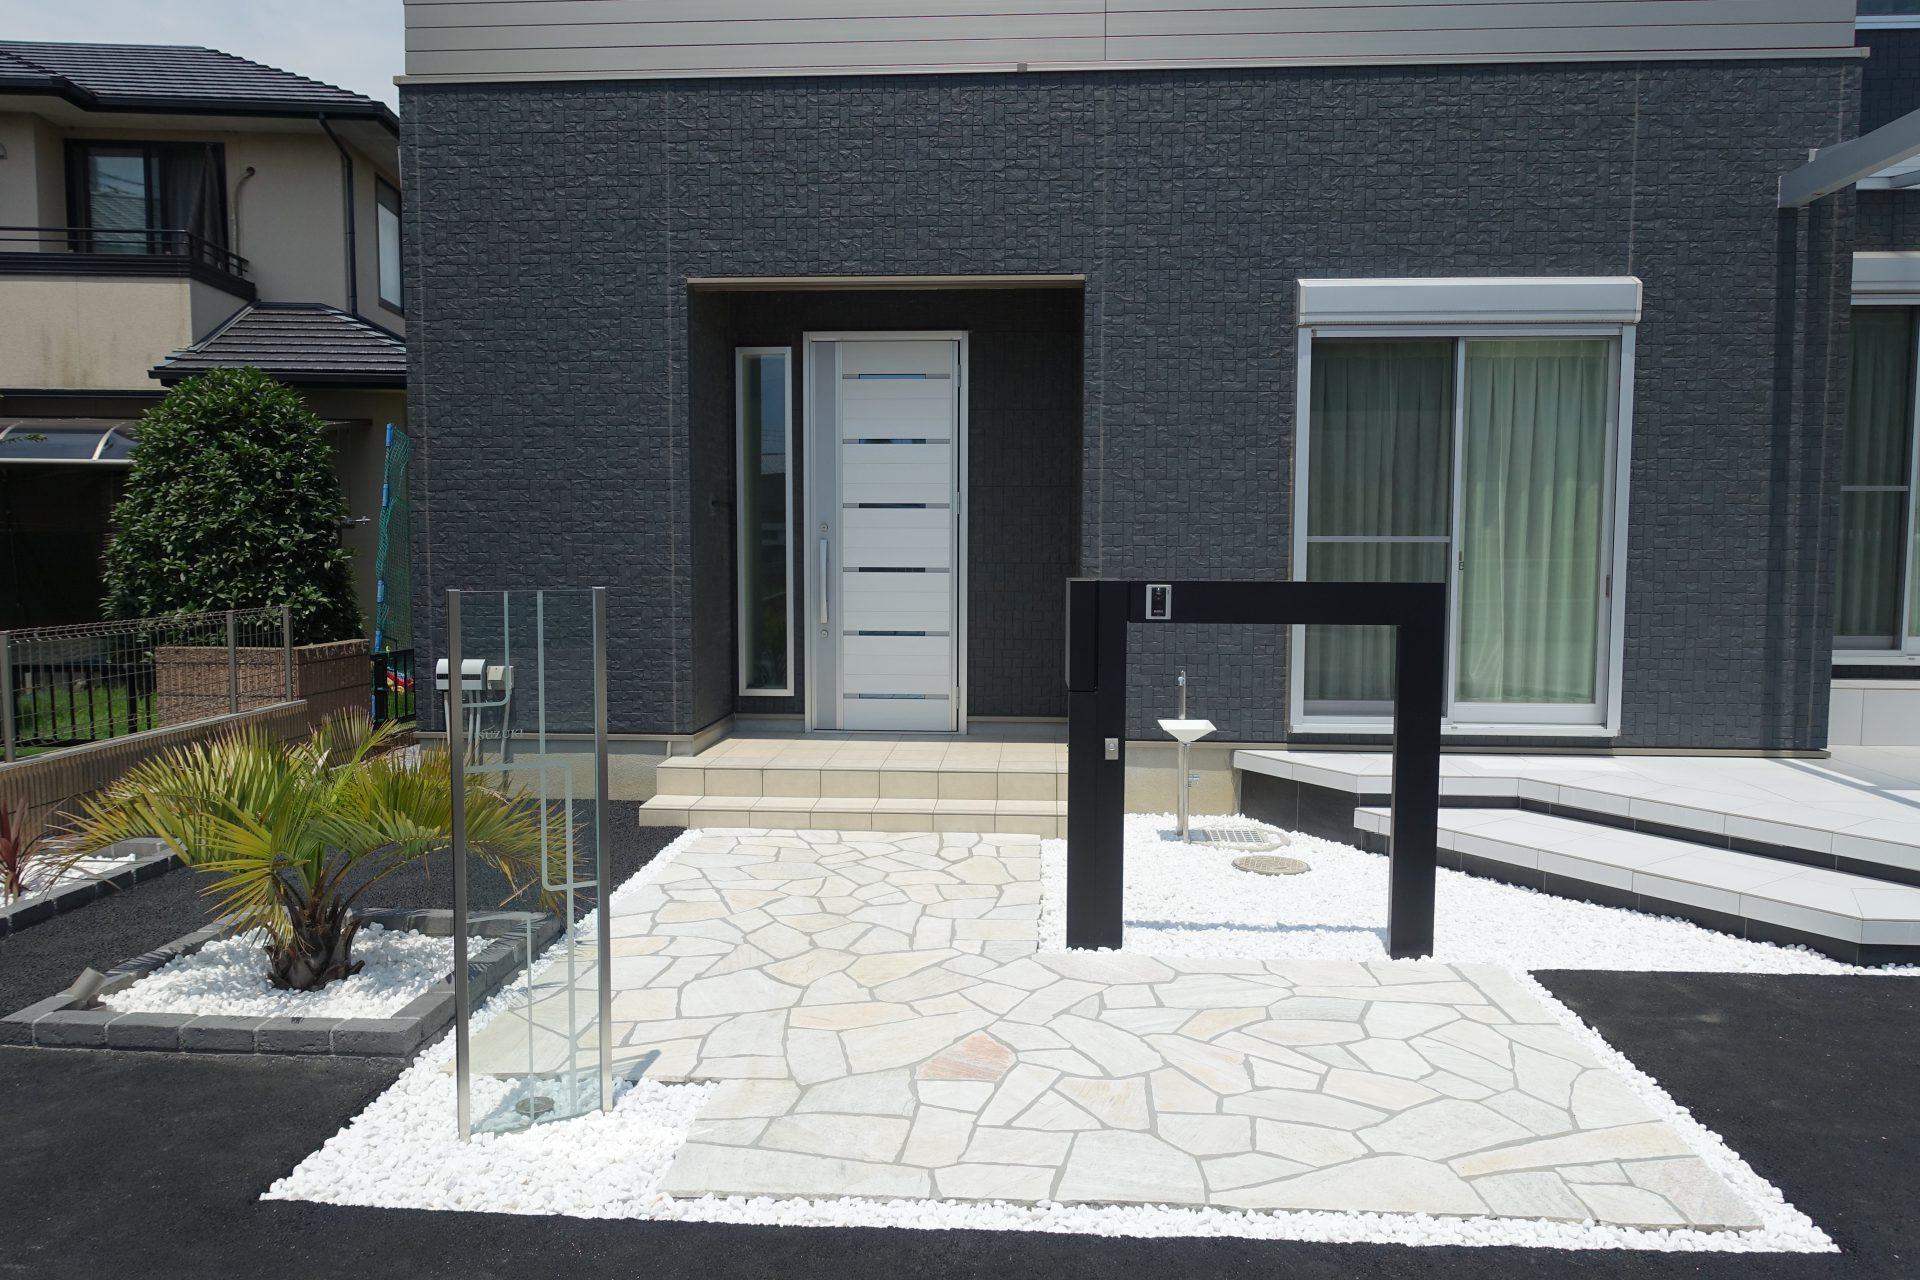 ガラスの独立表札と黒いフレームの様な門柱